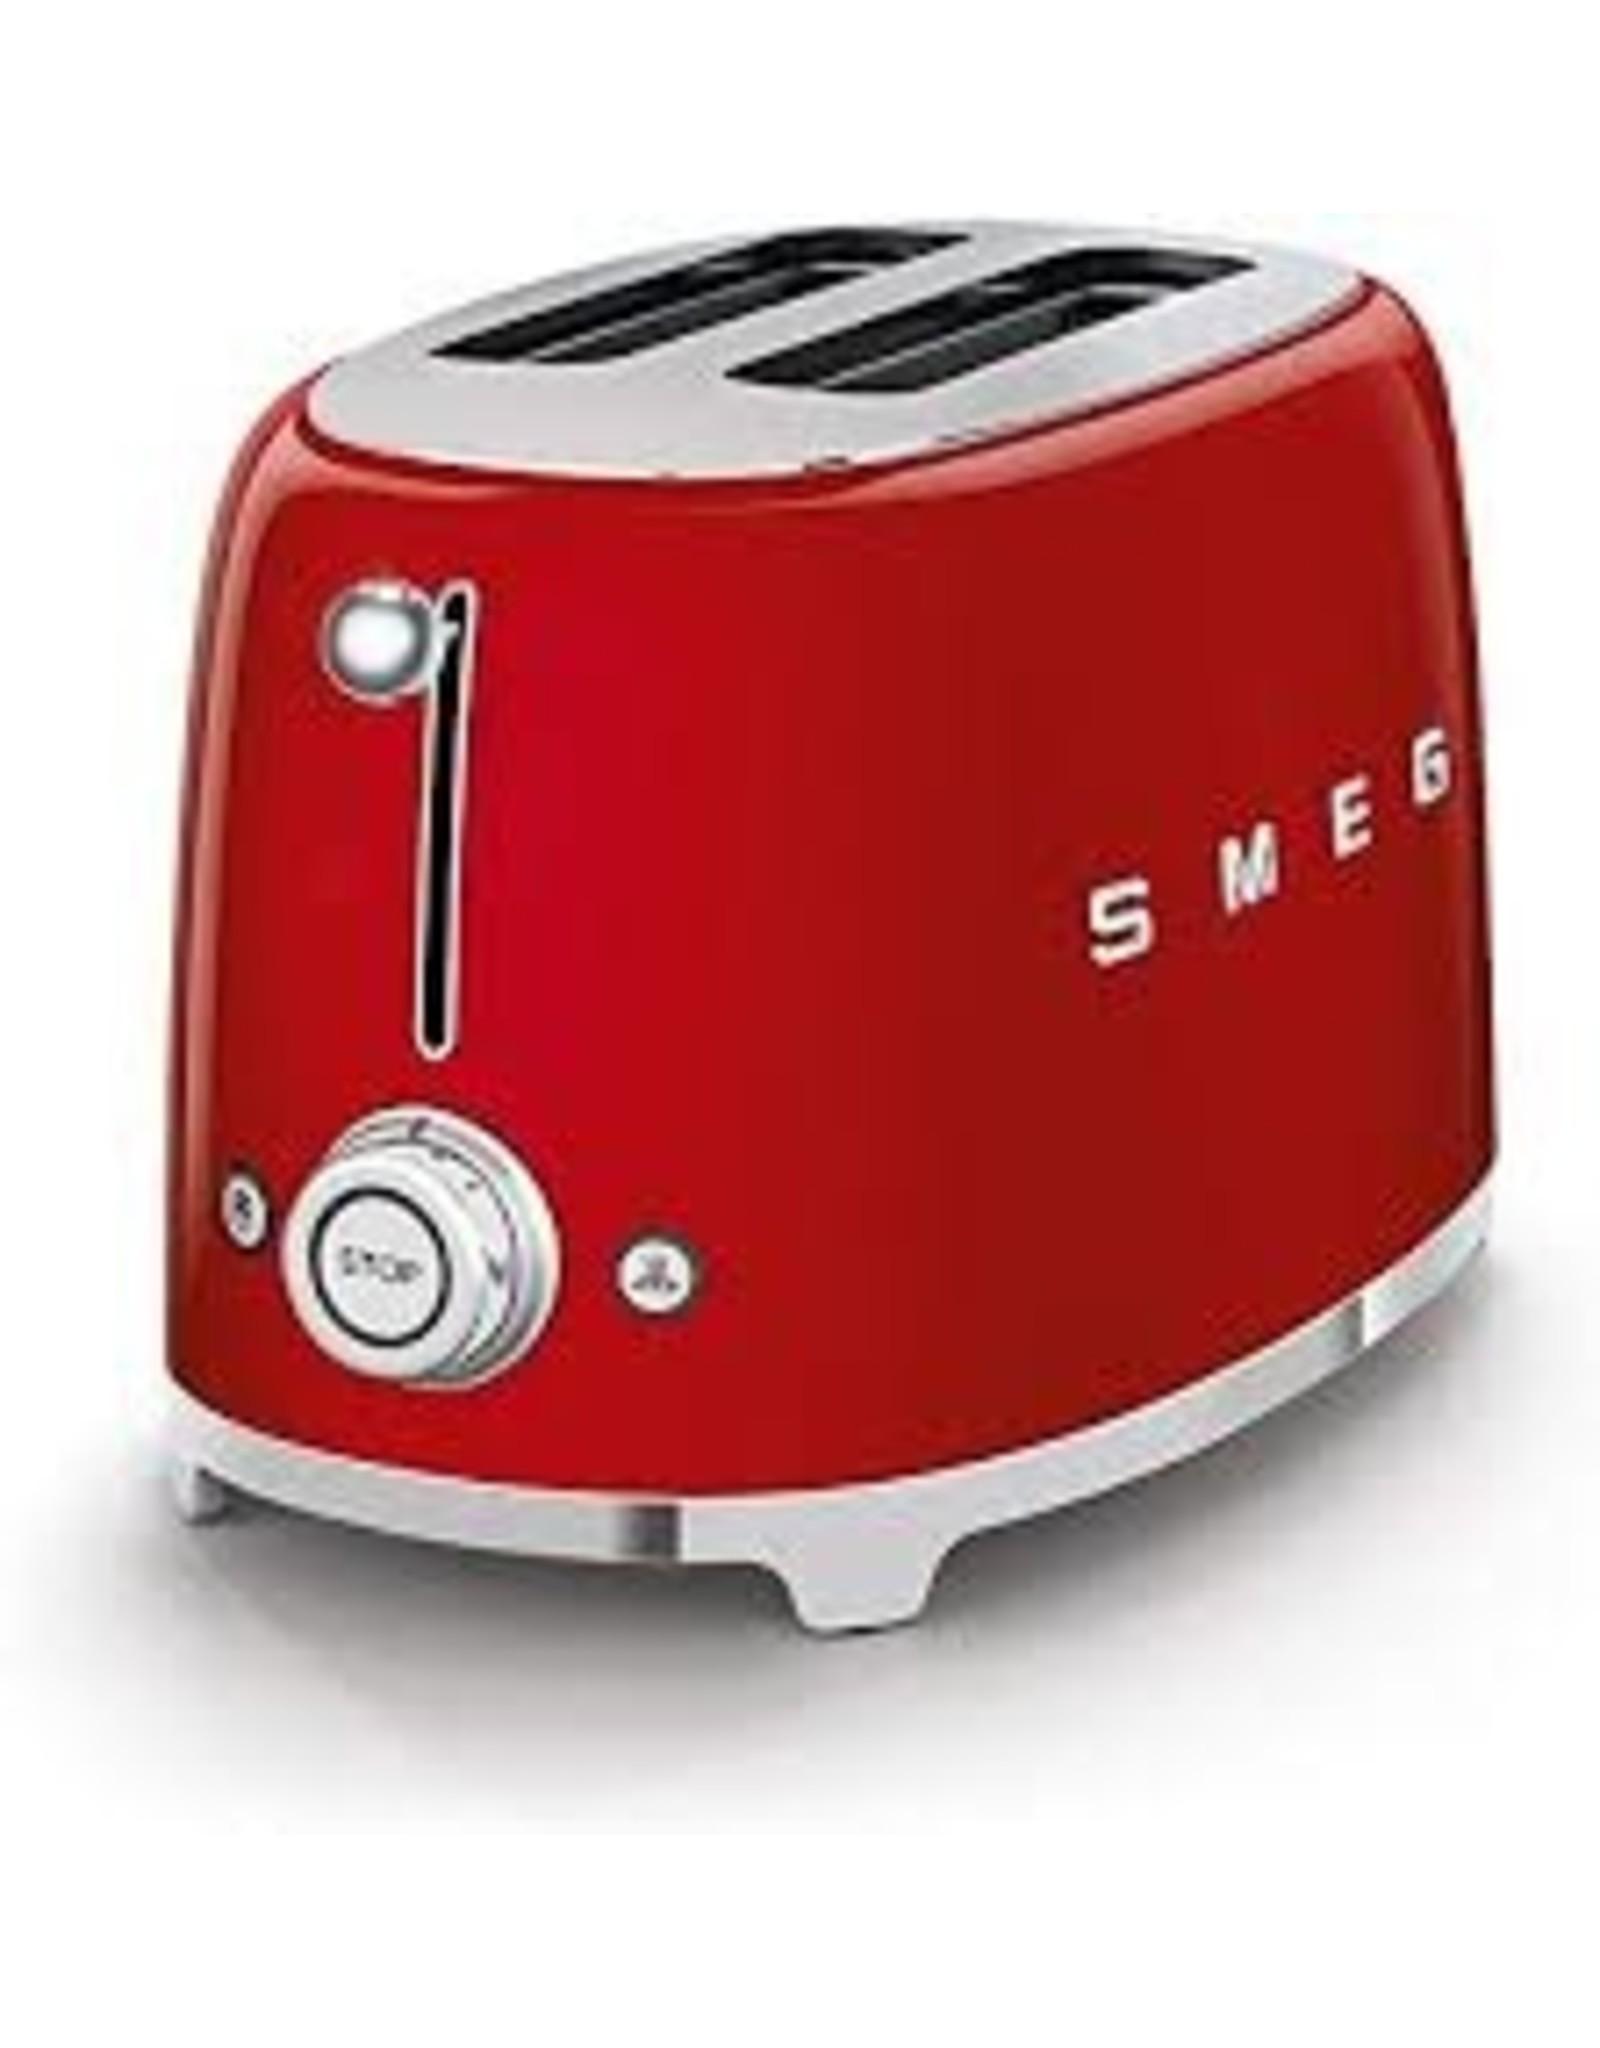 Smeg Smeg - 2 Slot Toaster - Red